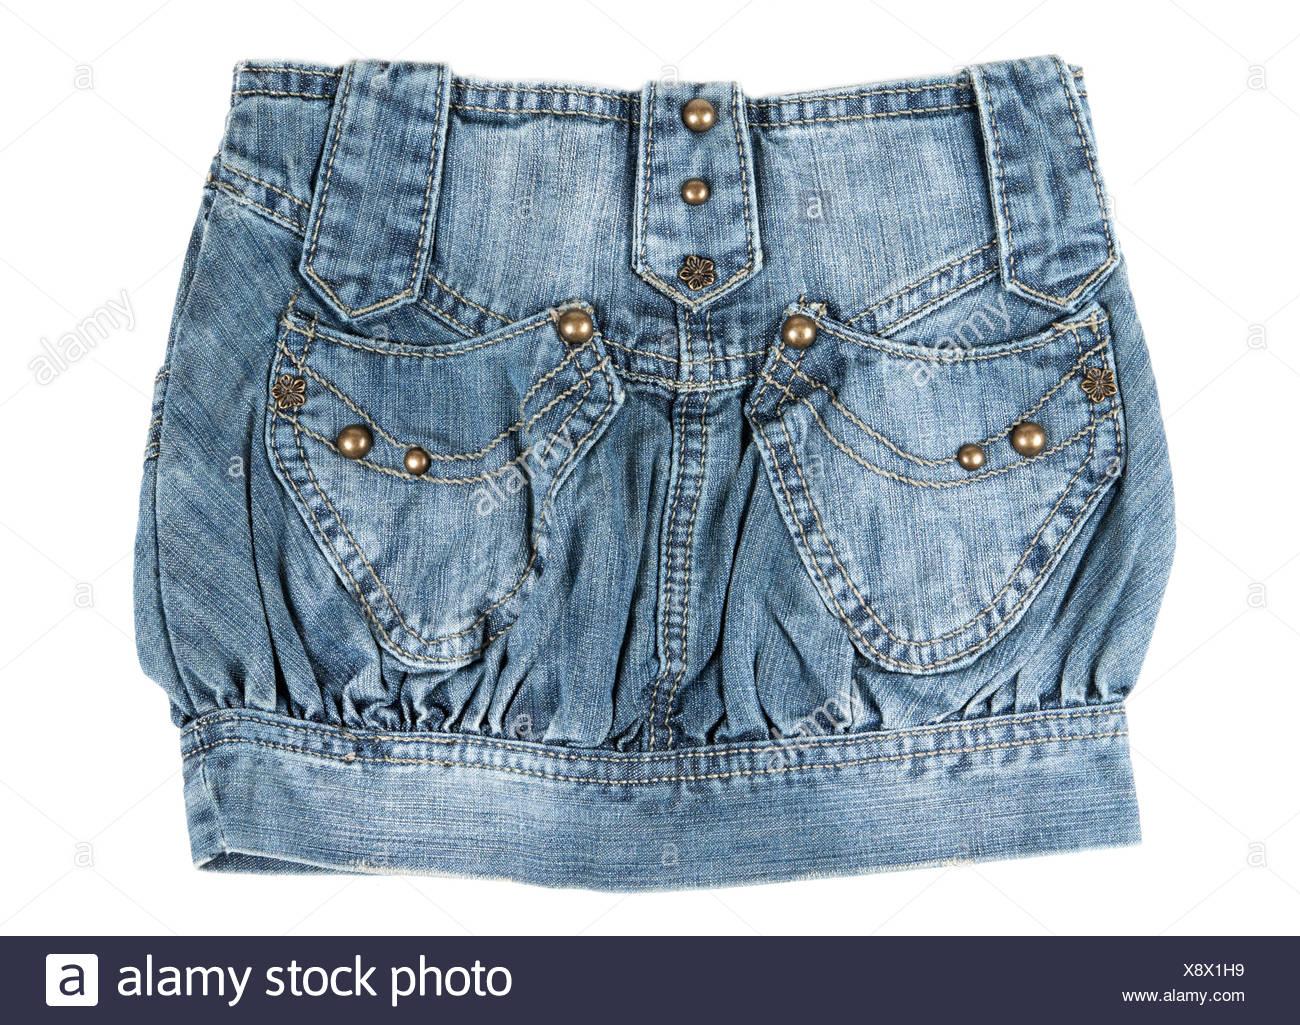 denim mini skirt - Stock Image